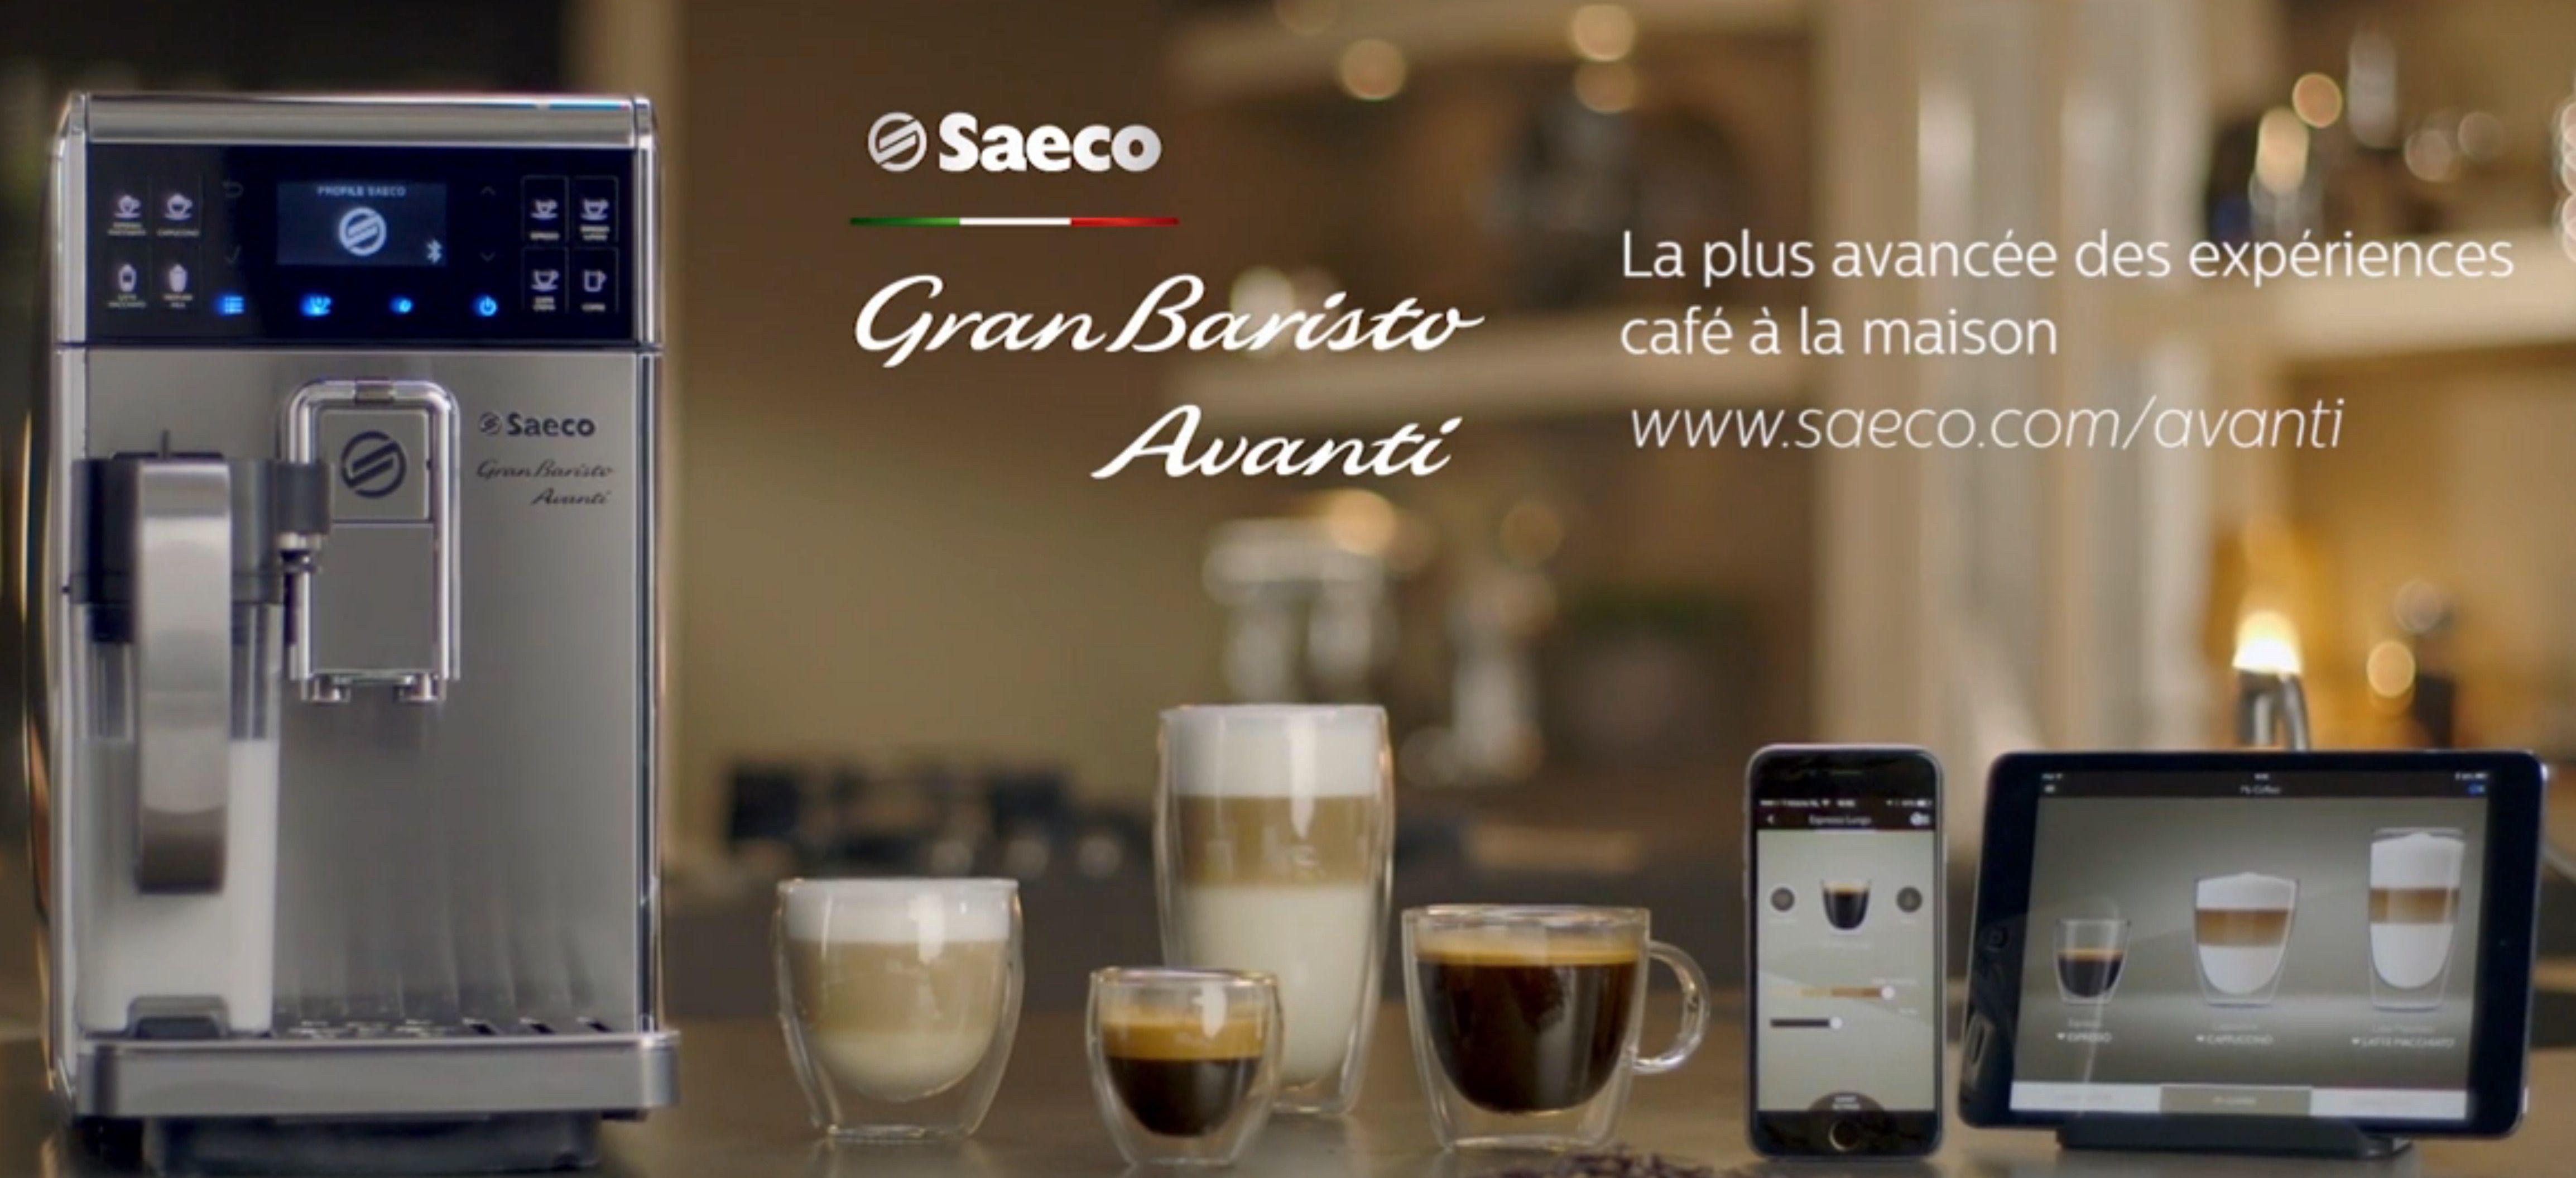 Saeco HD8977/01 granbaristo avanti machine espresso super automatique